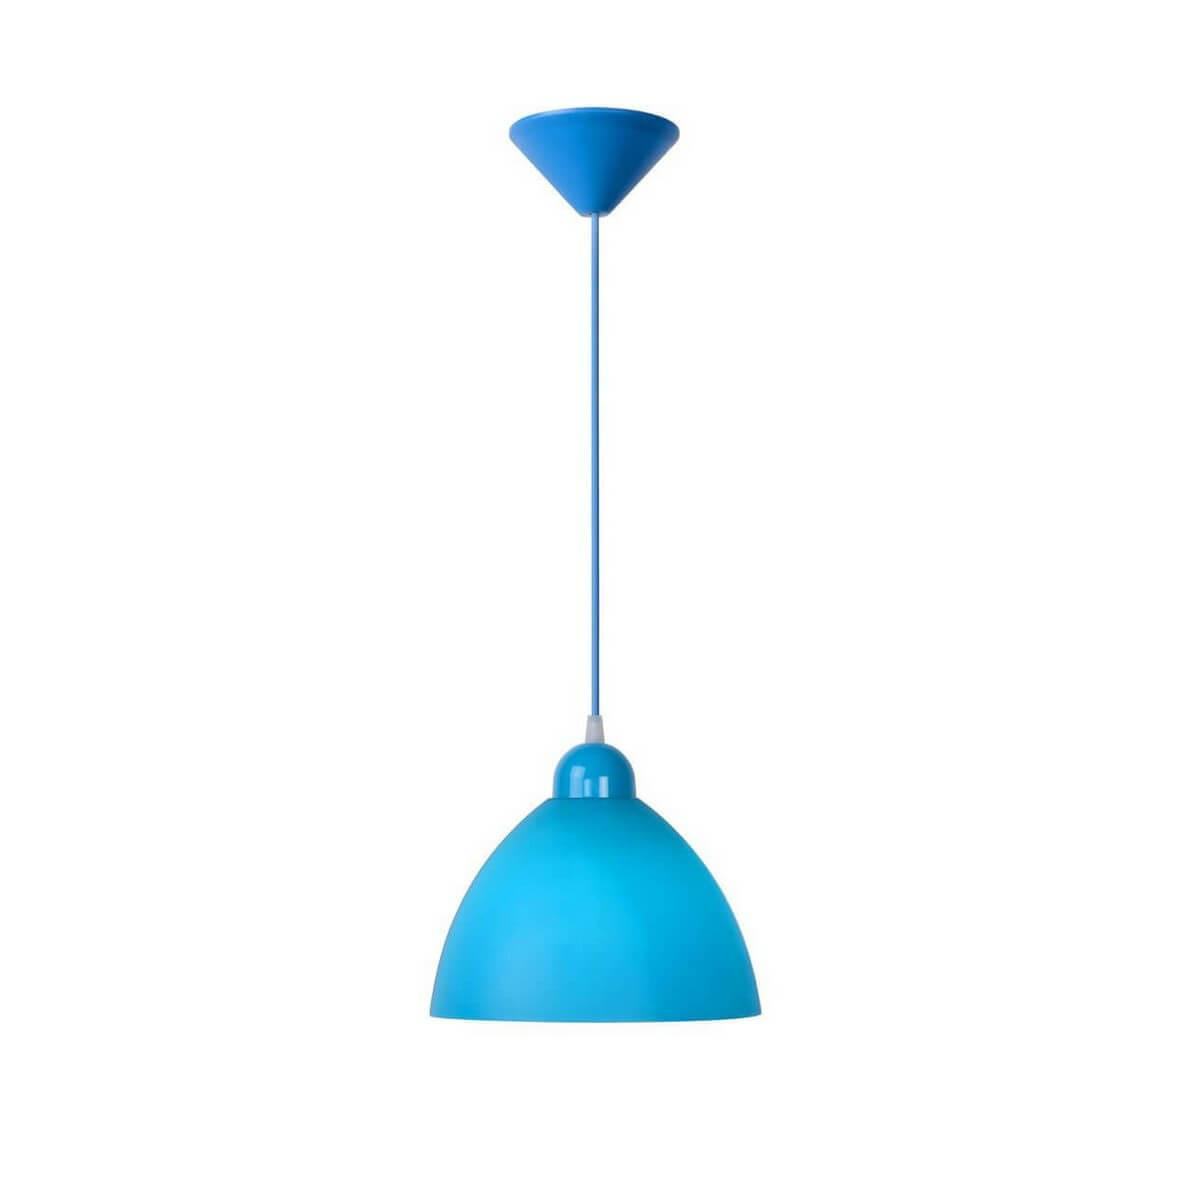 Подвесной светильник Lucide 08406/23/35, E27, 40 Вт светильник lucide slivo 20406 35 02